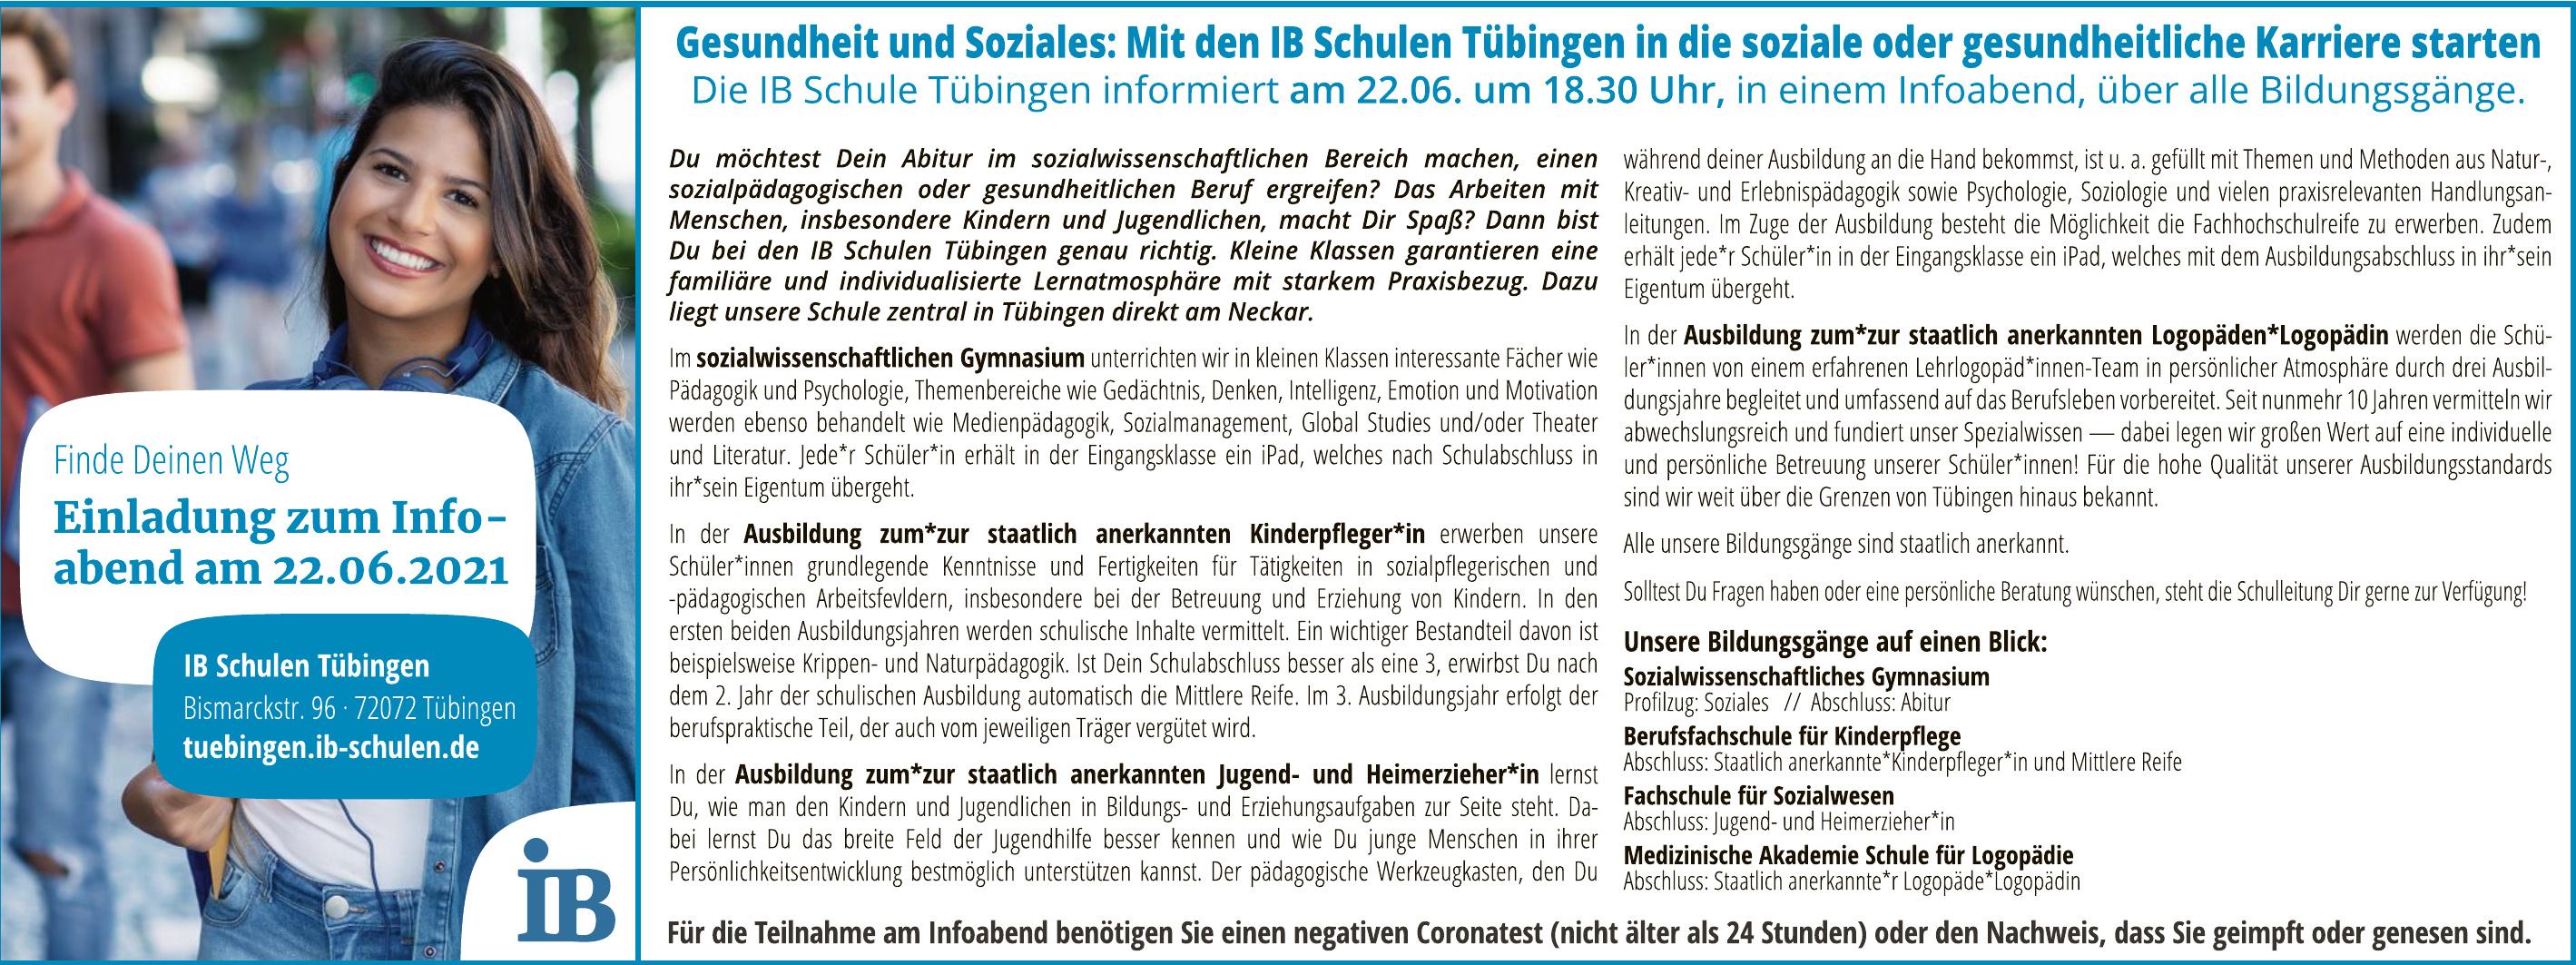 IB Schulen Tübingen